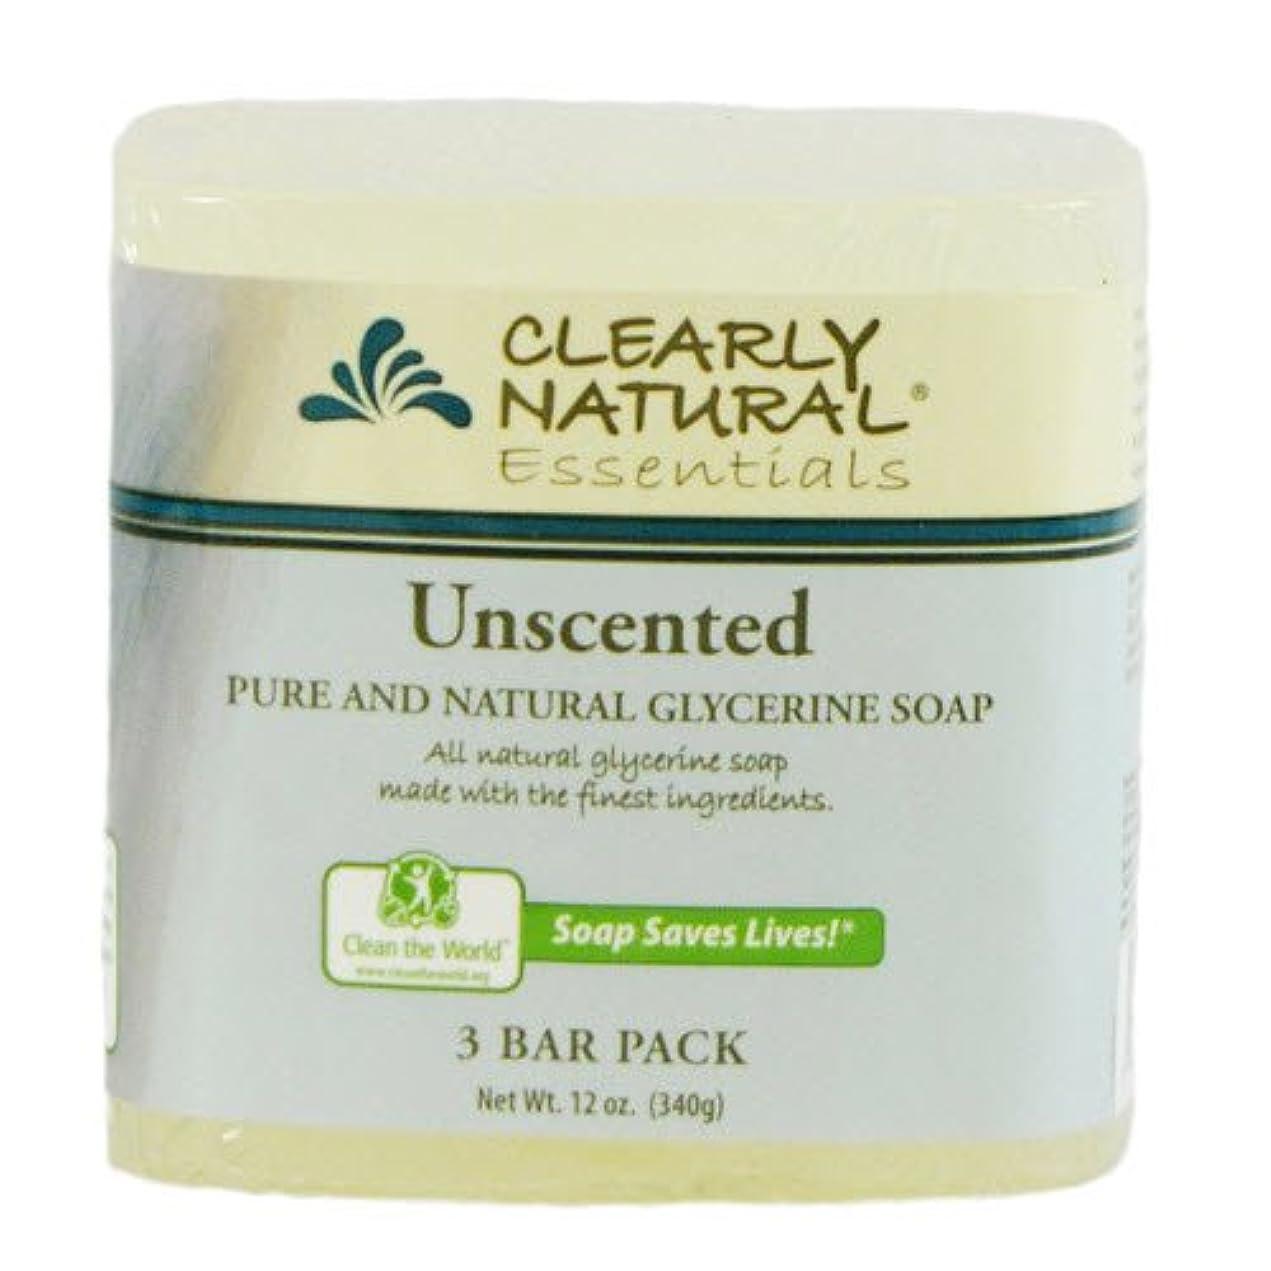 素晴らしき信条サスペンションClearly Natural, Pure and Natural Glycerine Soap, Unscented, 3 Bar Pack, 4 oz Each